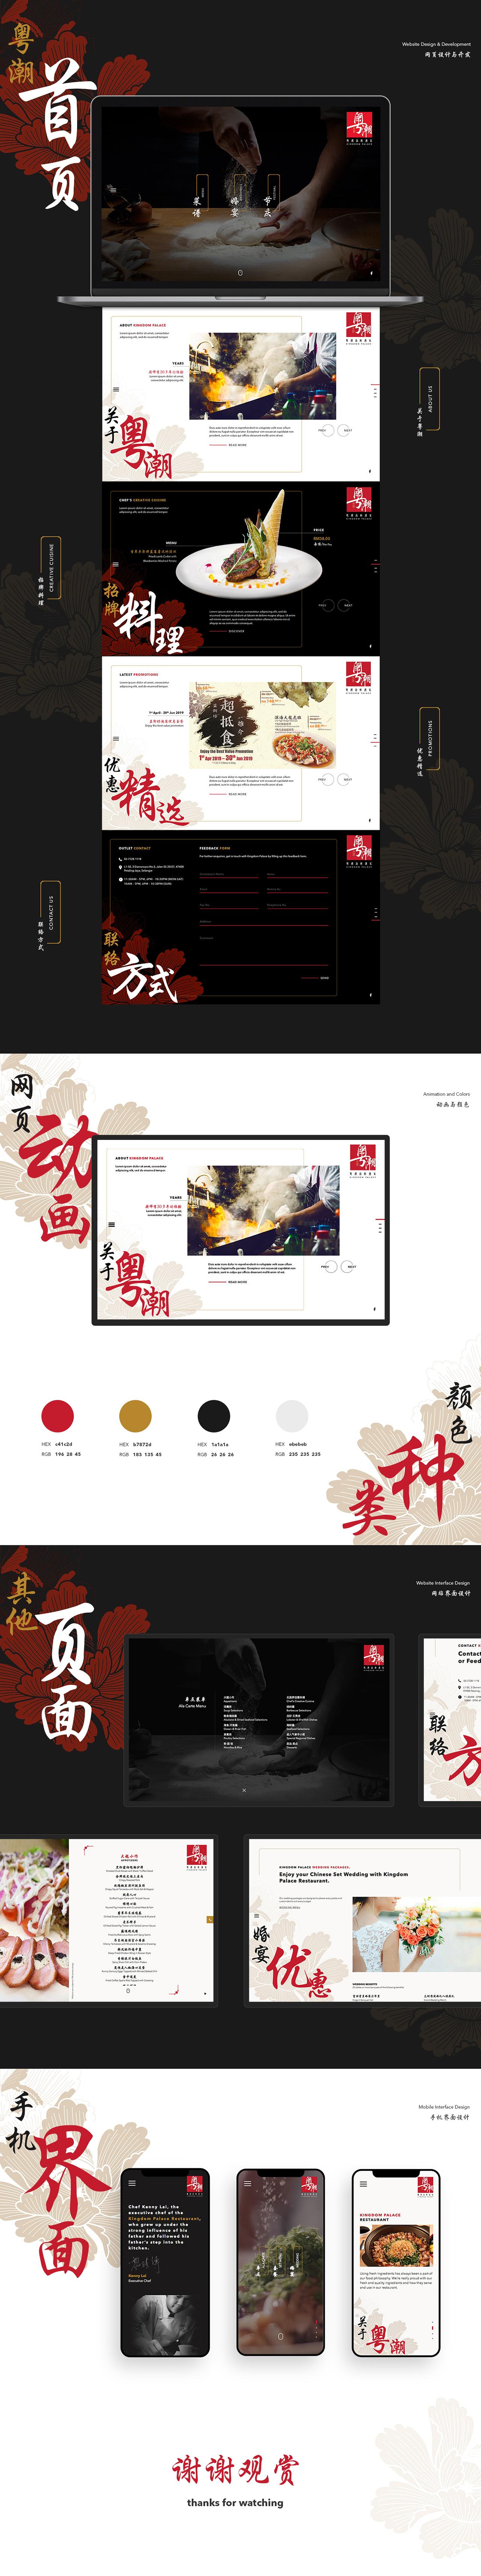 Kingdom Palace | Chinese Restaurant Web Design Showcase